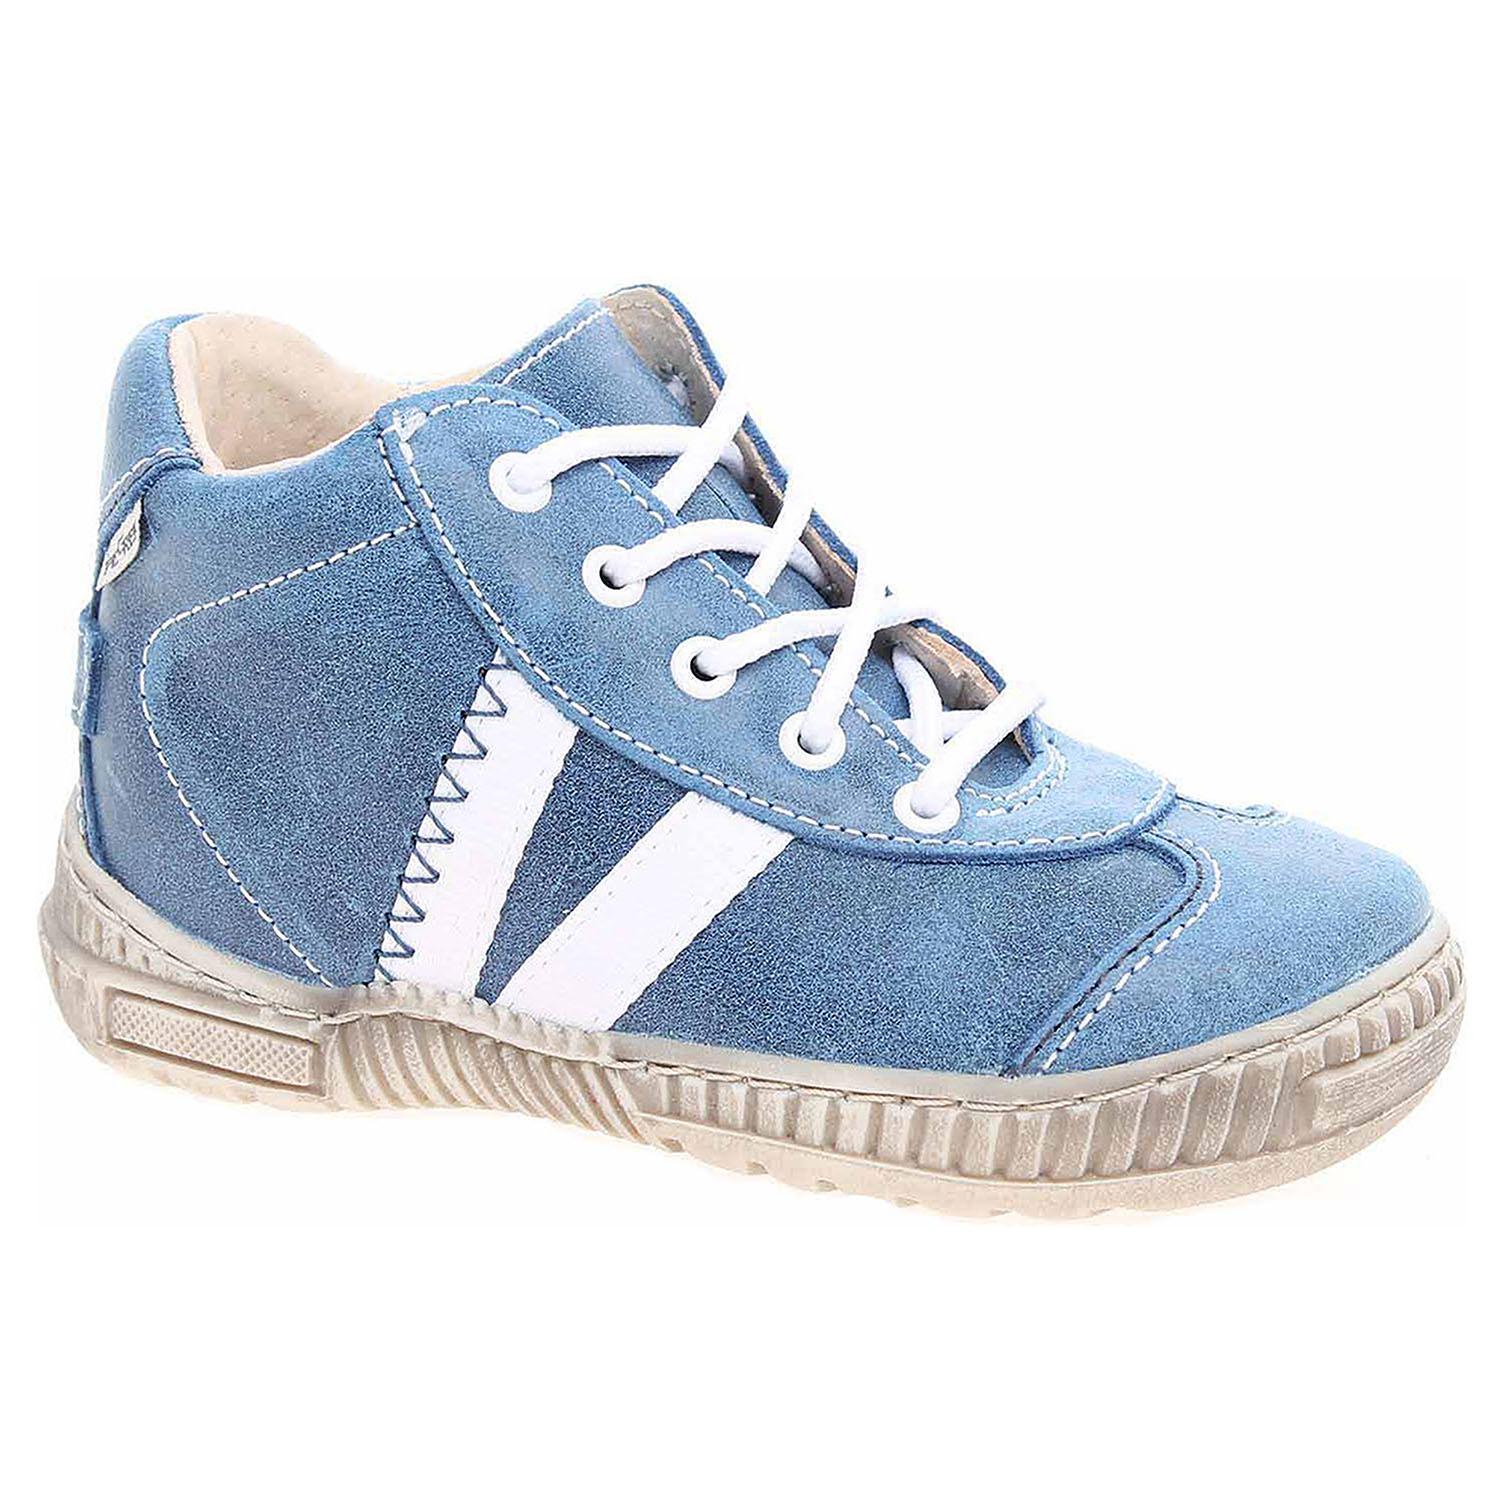 14eded70a9204 Chlapecká členkové topánky Pegres 1401.00 modrá | REJNOK obuv